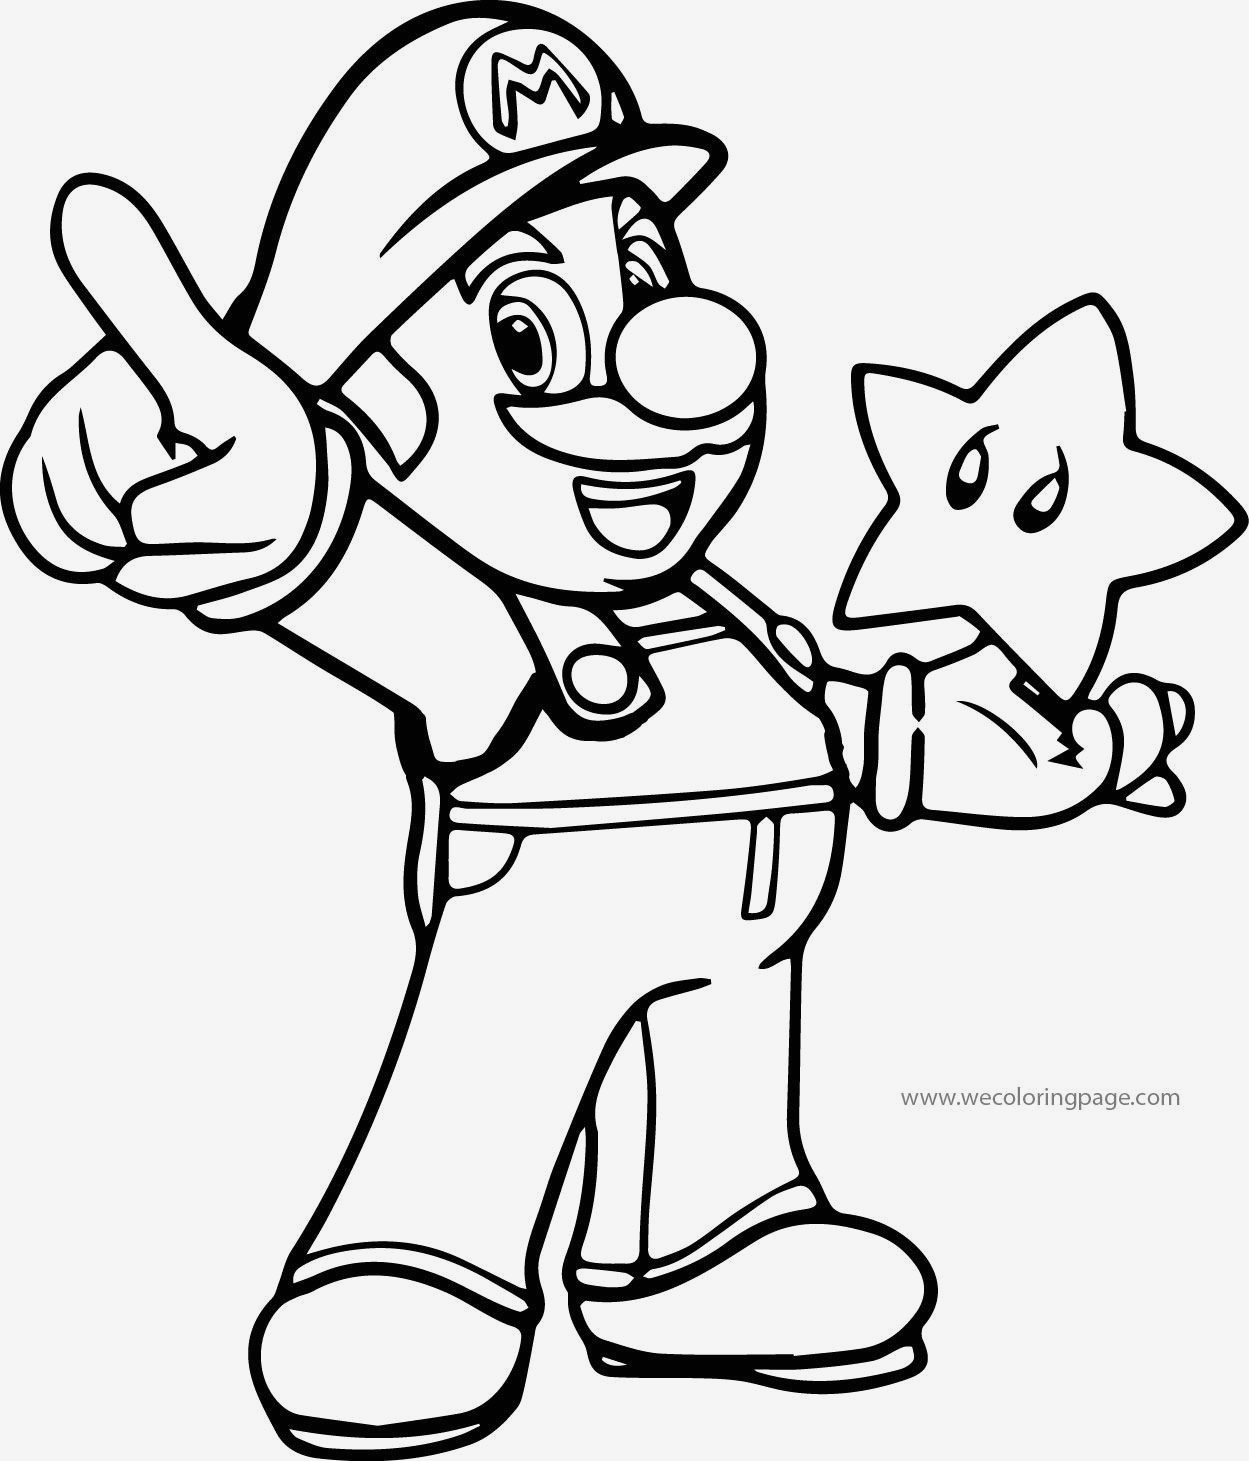 Mario Zum Ausmalen Einzigartig Spannende Coloring Bilder Super Mario Malvorlagen Galerie